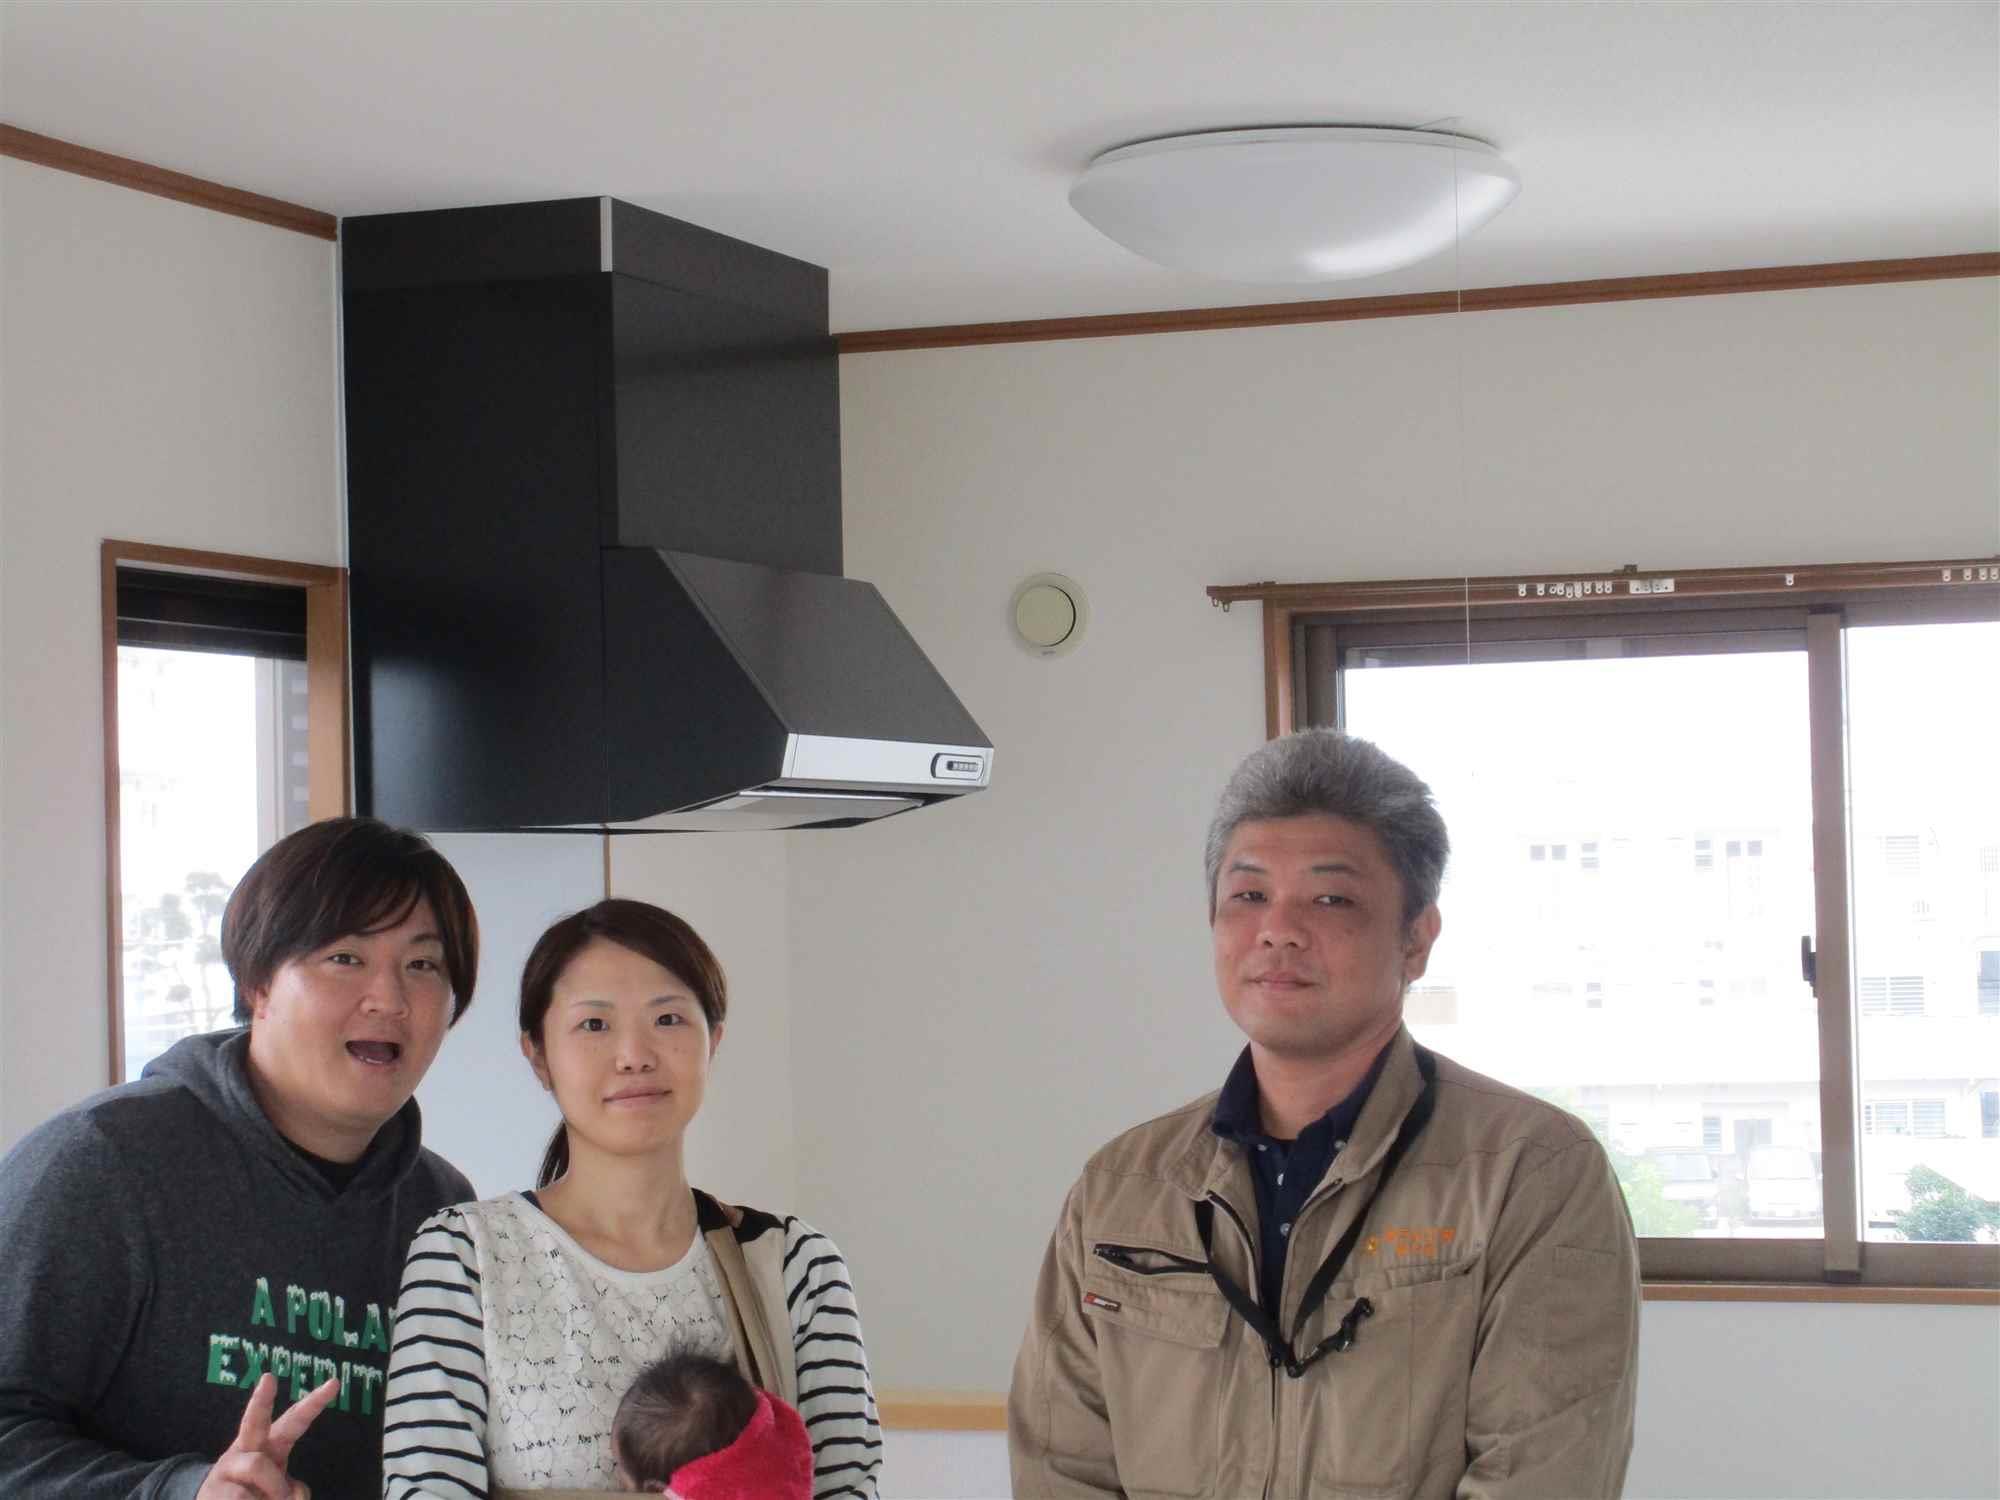 沖縄・那覇のリフォーム 実際のお客様の写真:思っていた以上にキレイで又、予算も前後に安くなっていたので満足です。